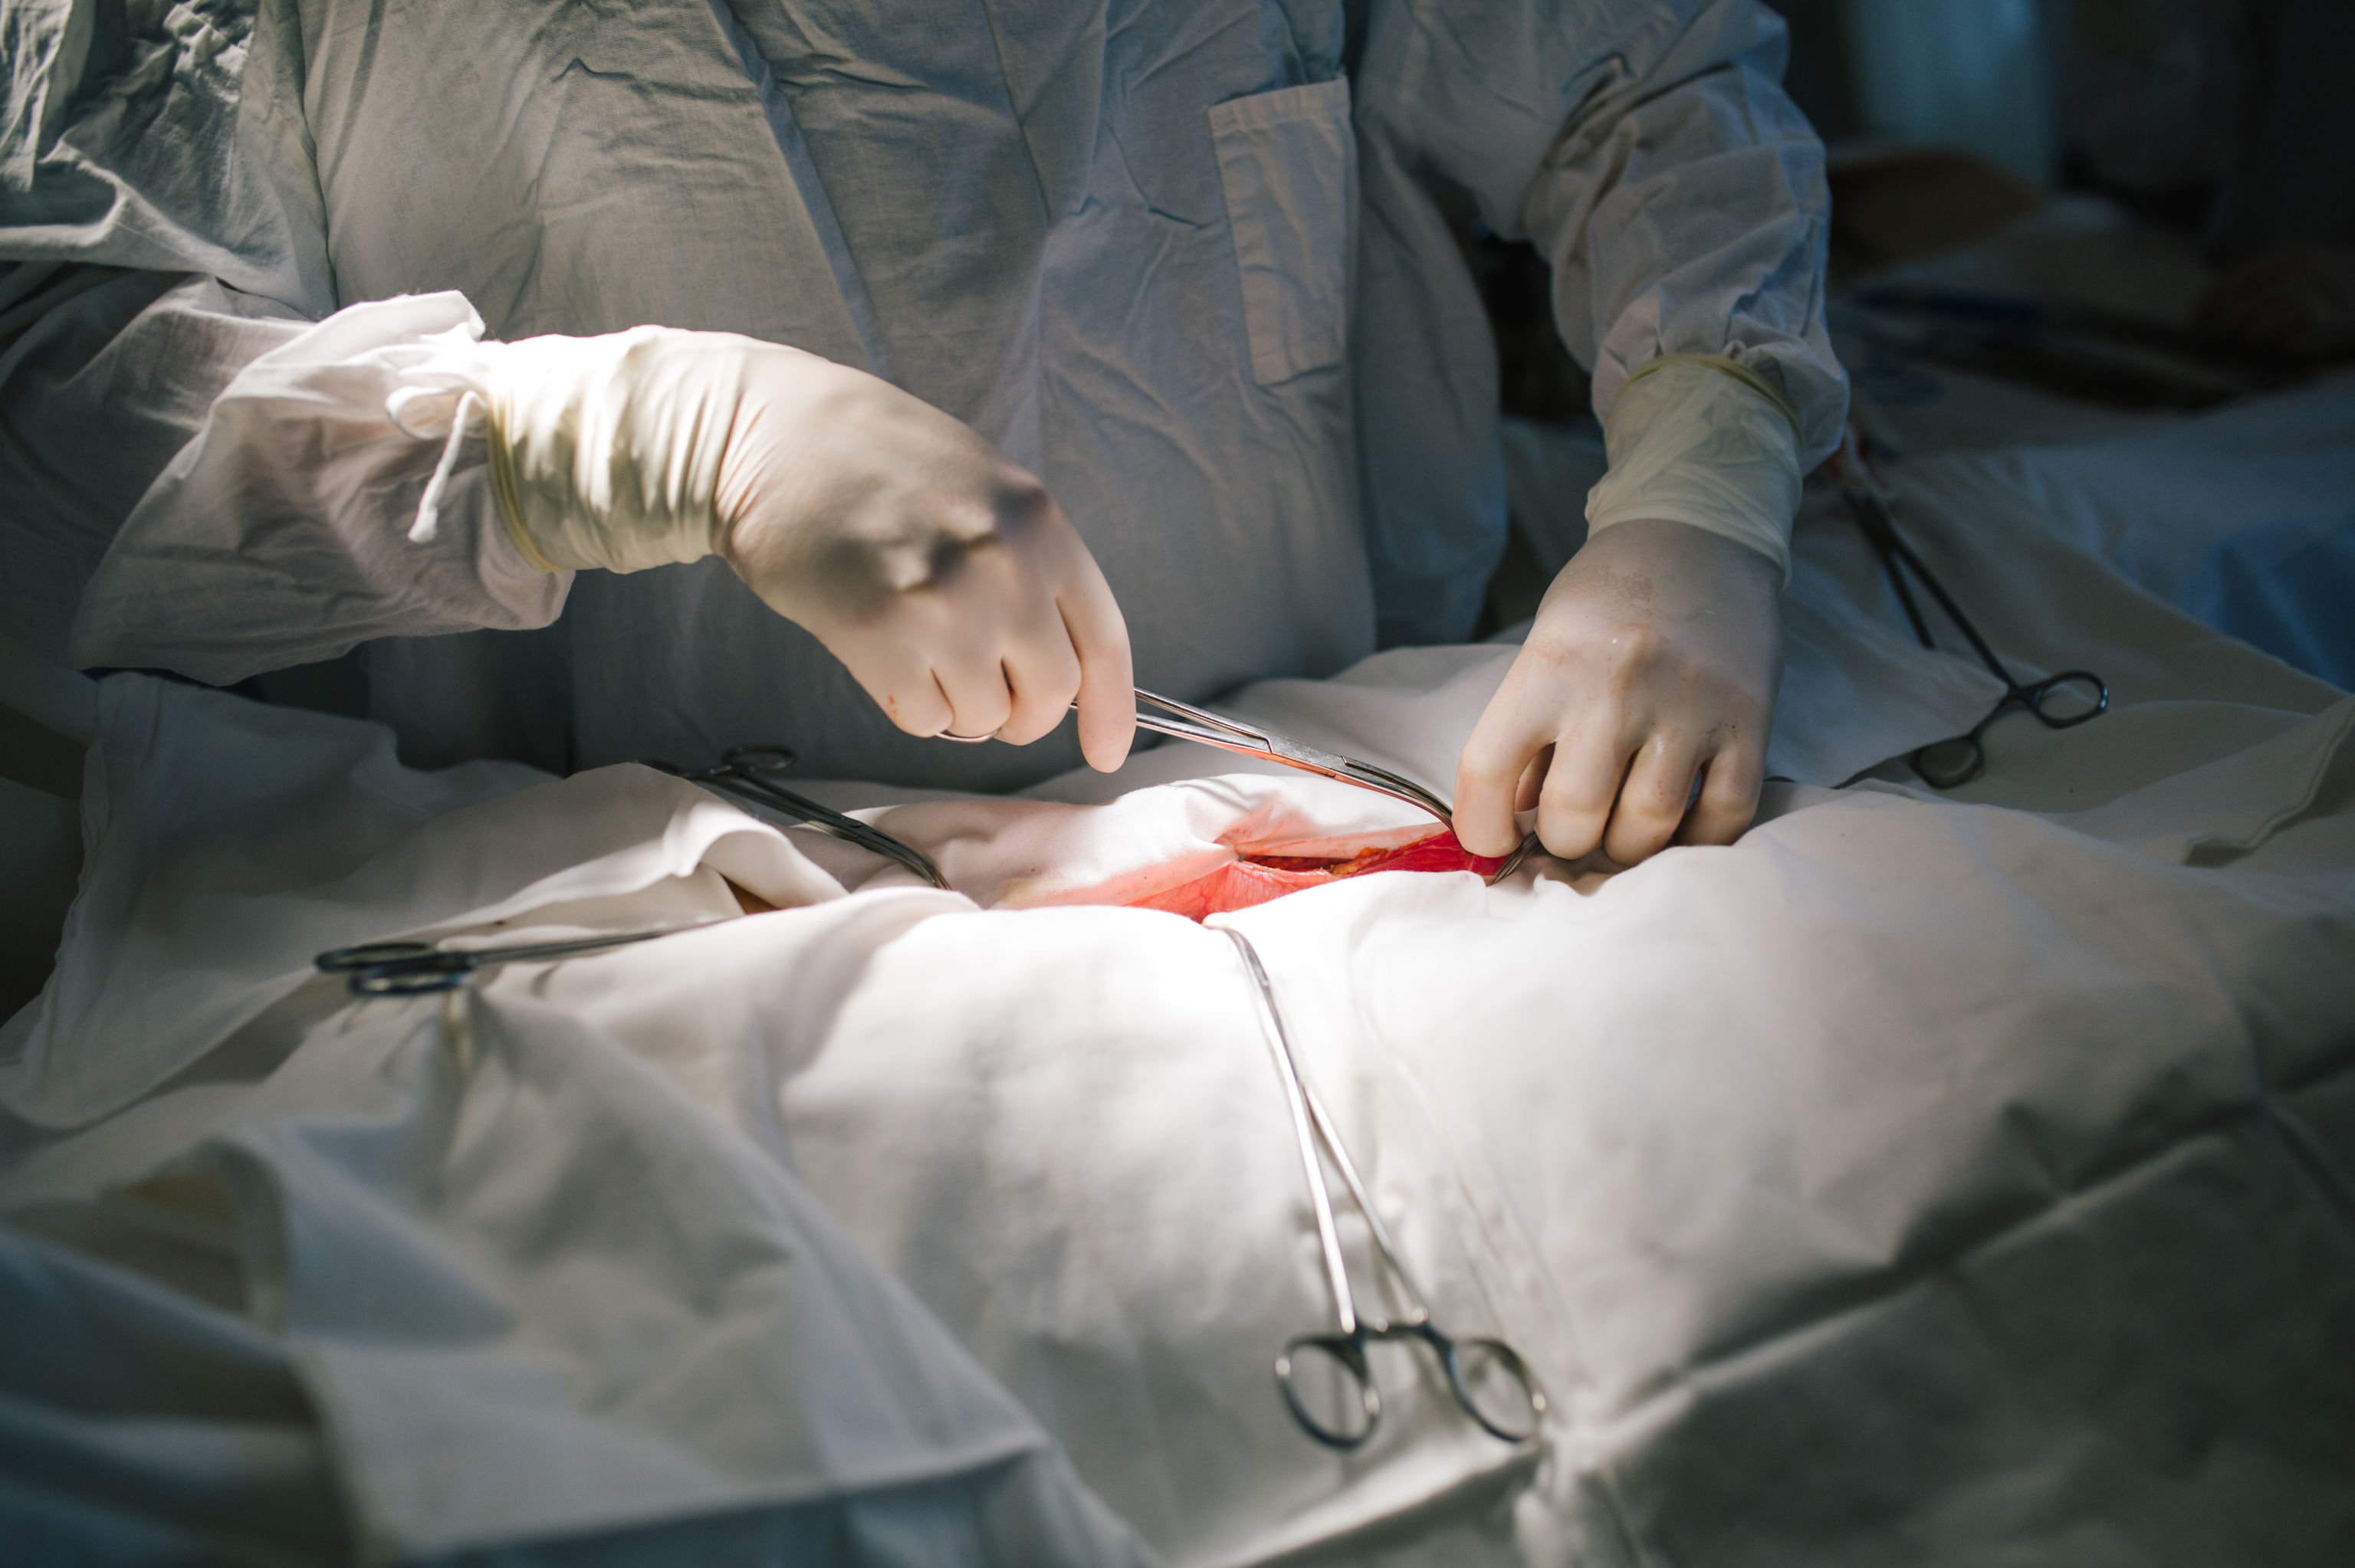 Хирургическая операция в больнице